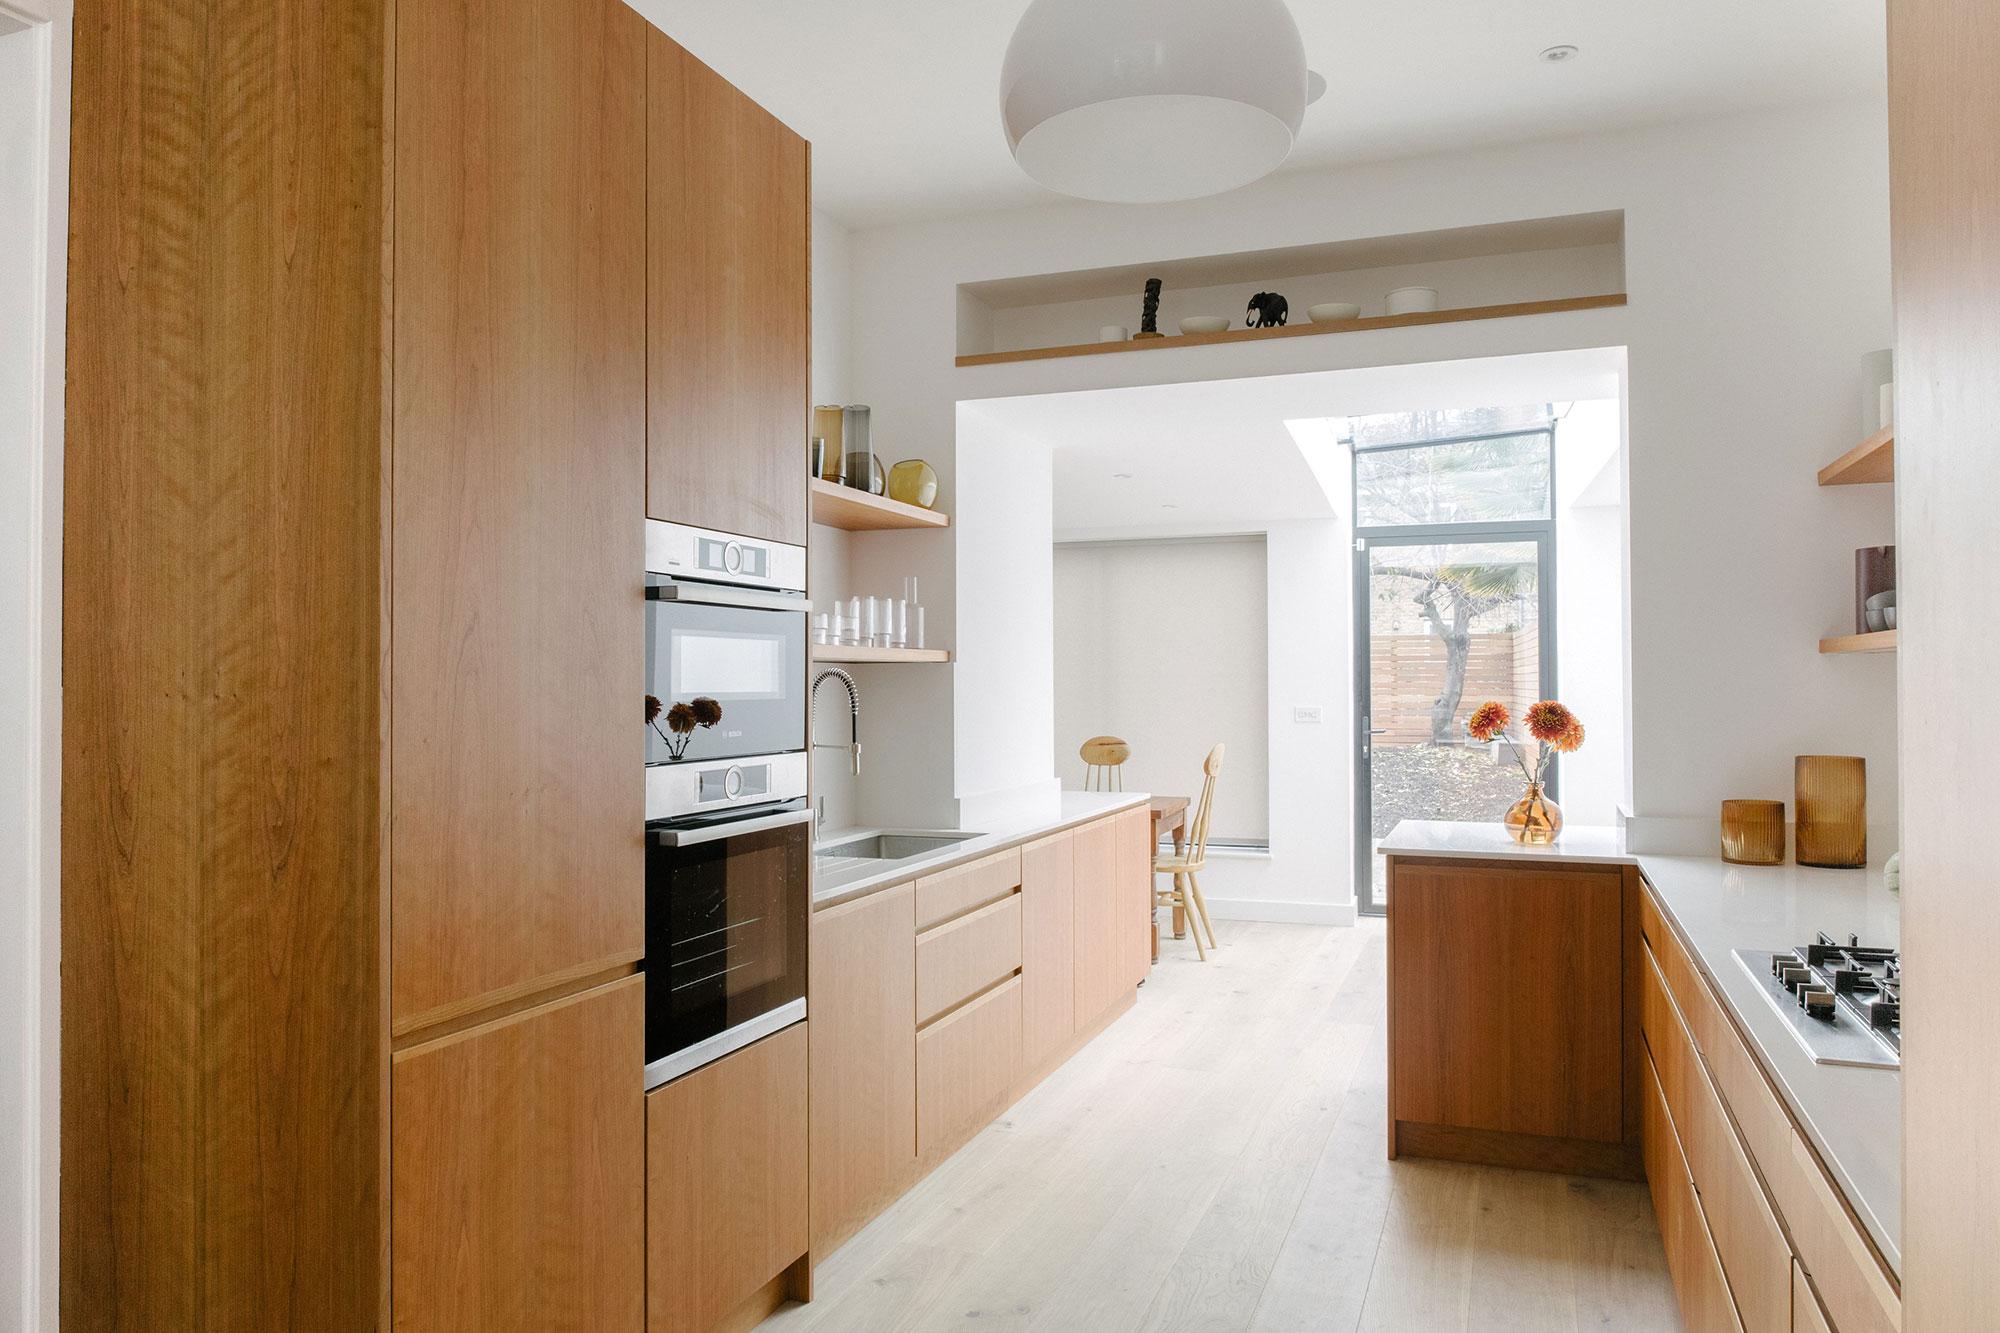 Kitchen Design Kentish Town Cupboards - West & Reid